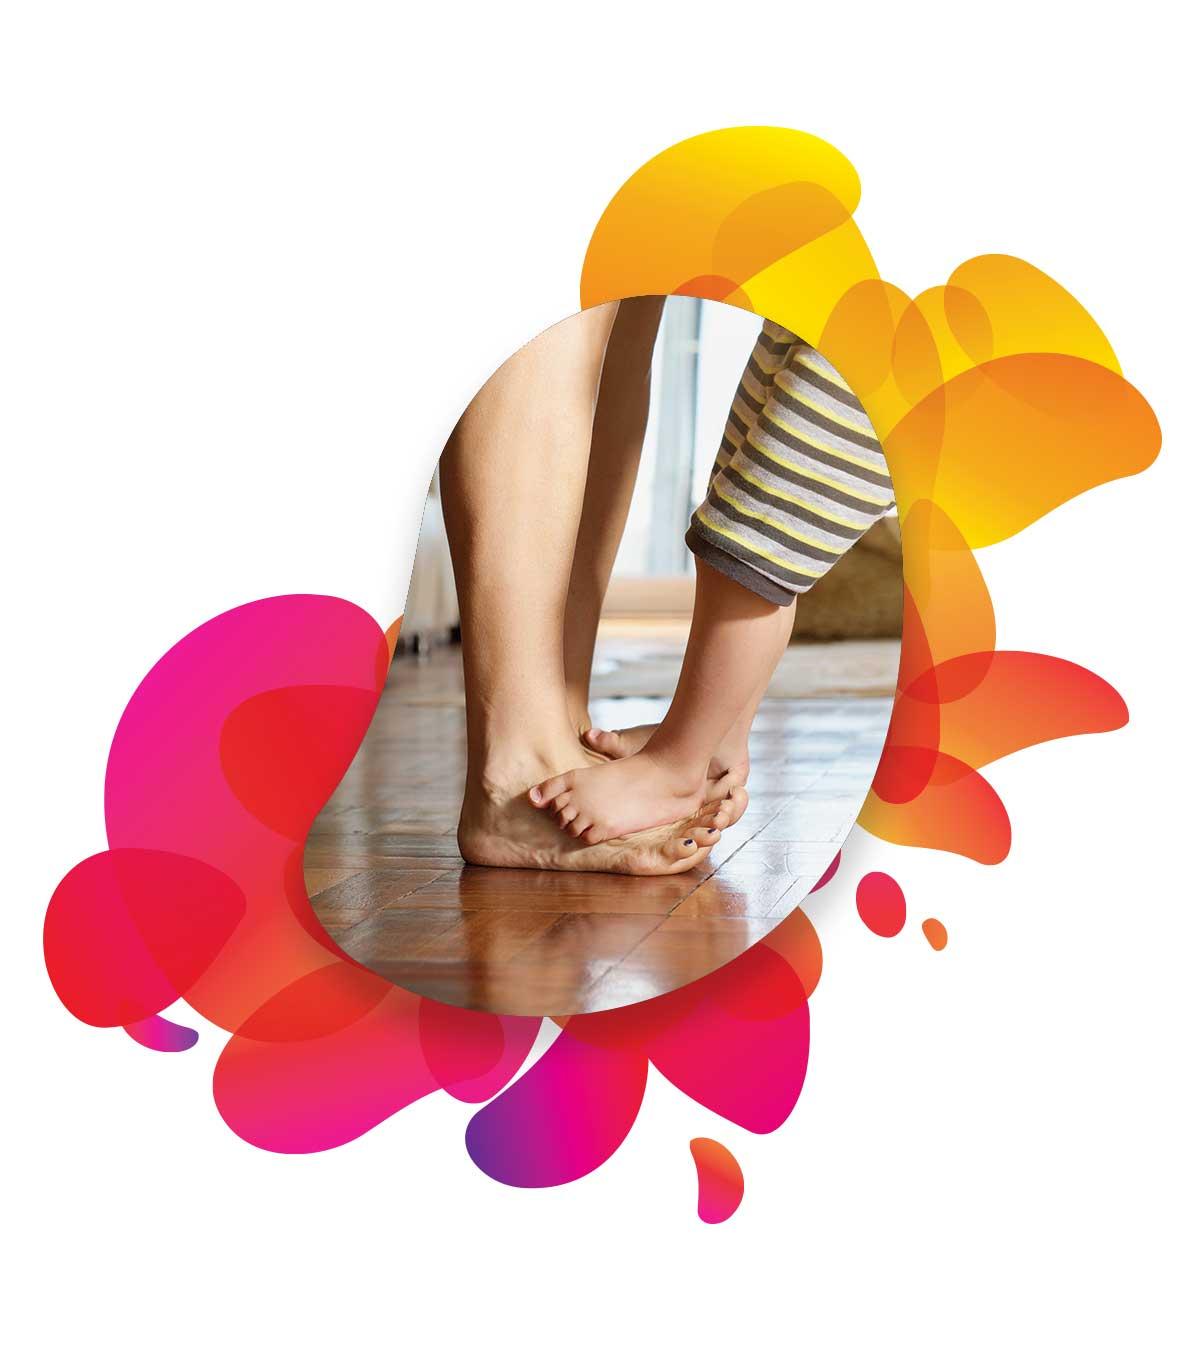 Füße auf warmen Boden dank Fußbodenheizung